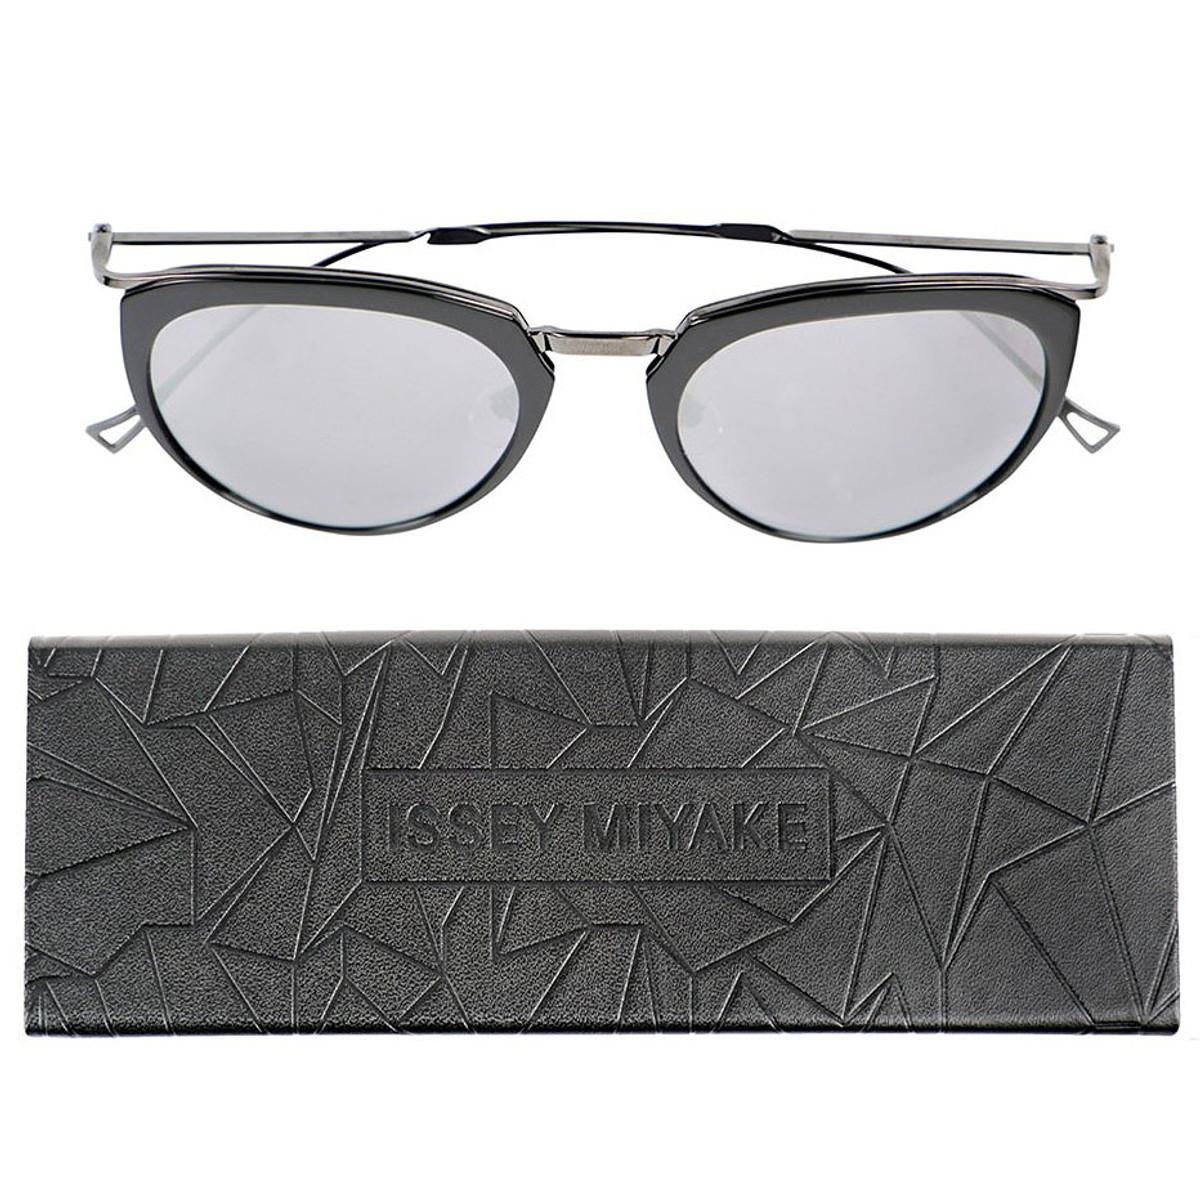 fcf877bef927 Issey Miyake Eyes Boston Sunglasses